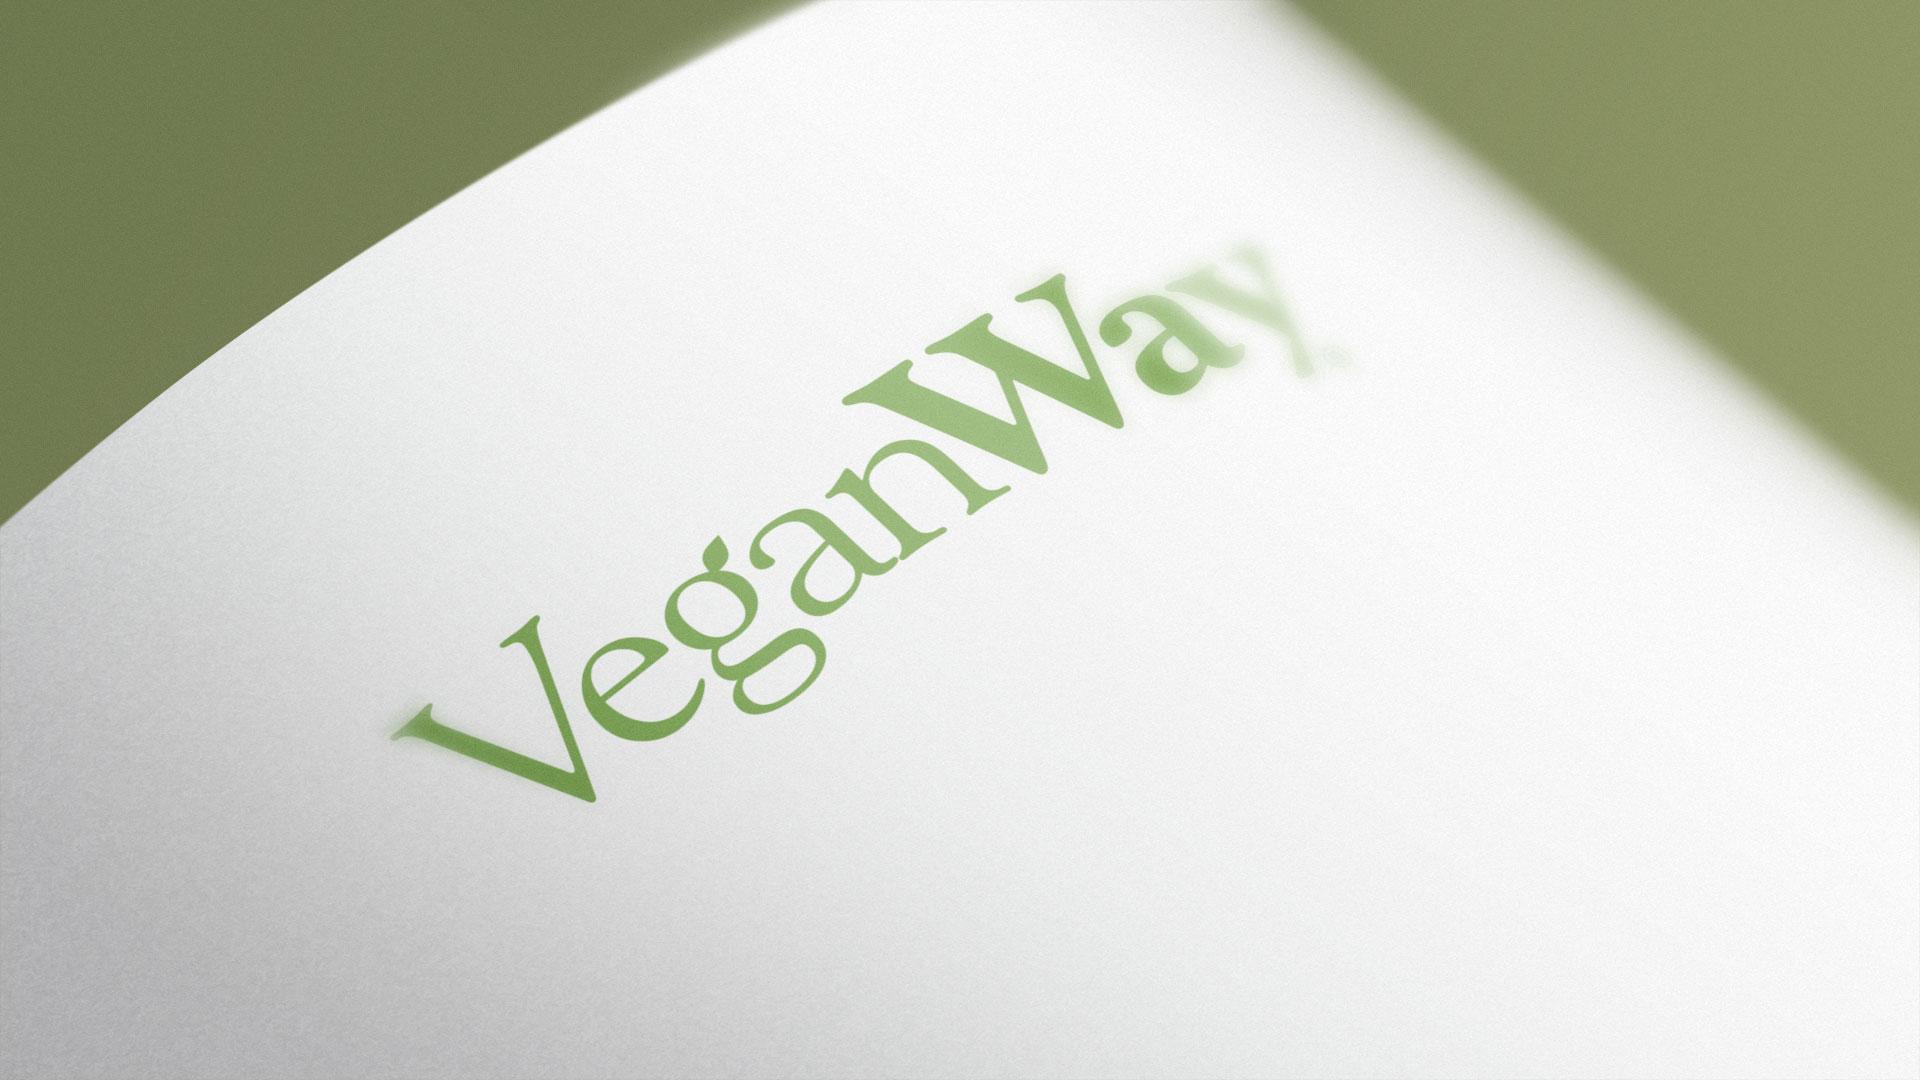 VeganWay